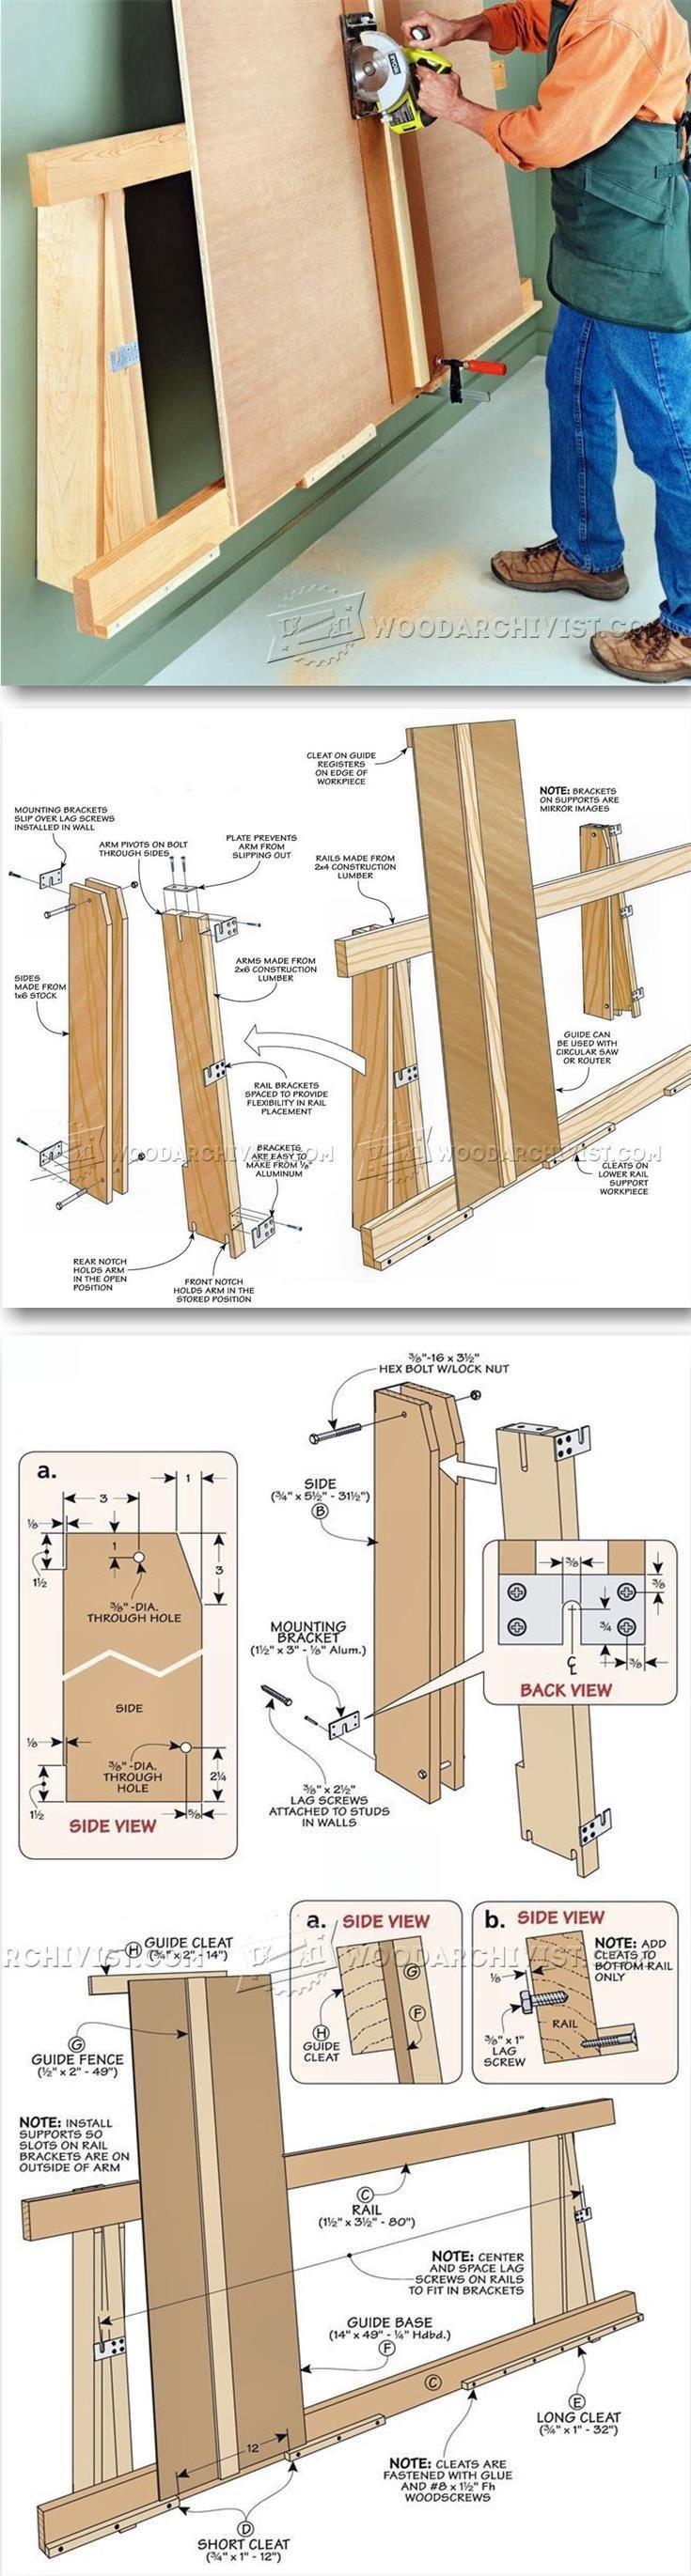 die 25+ besten cost of plywood ideen auf pinterest | sperrholz